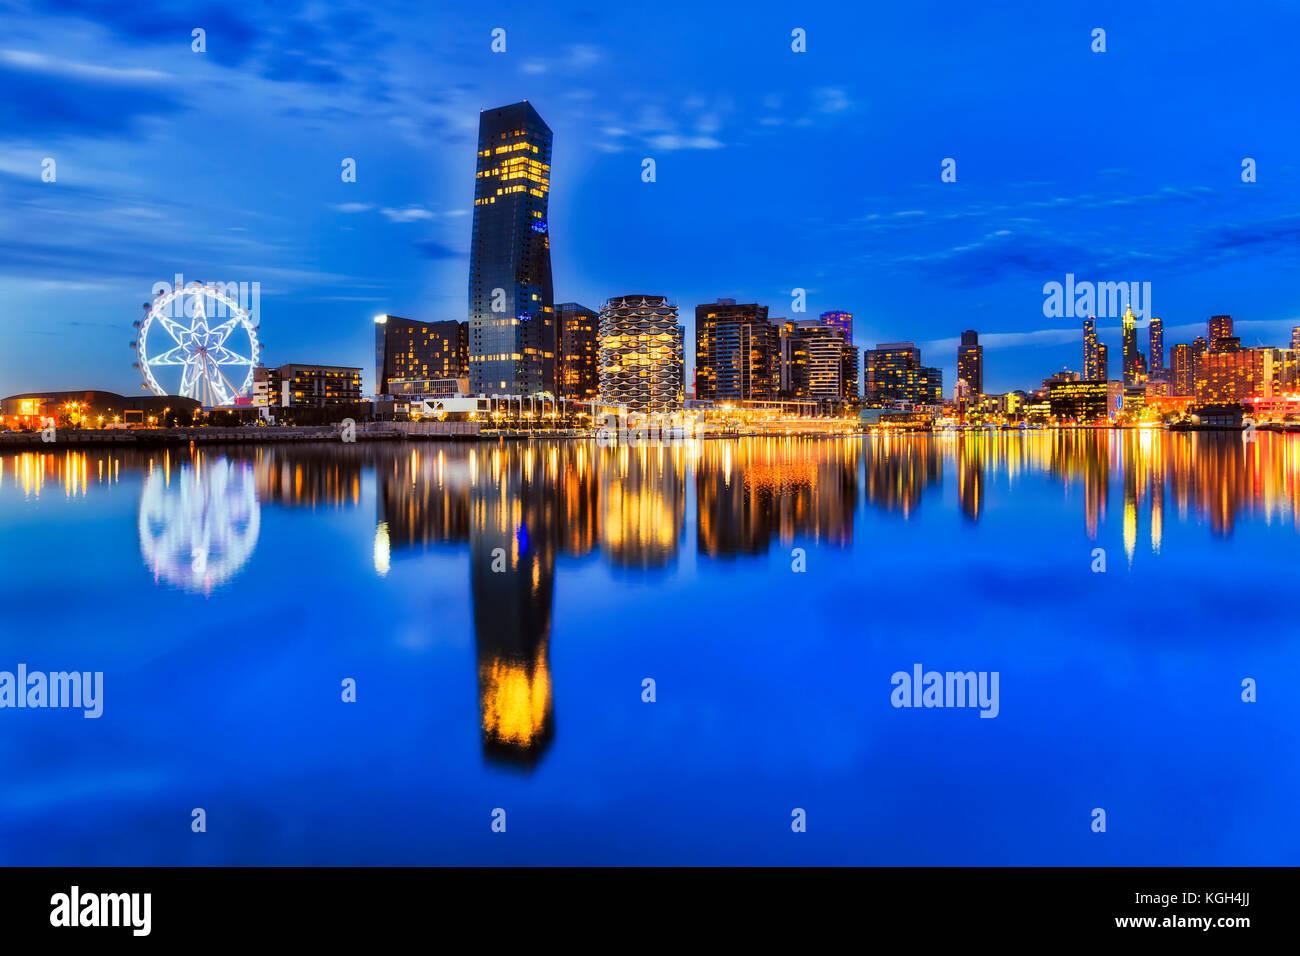 Blu scuro tramonto a Melbourne Dockalnds area con ancora sul fiume Yarra acque mirroring luci luminose della moderna Foto Stock